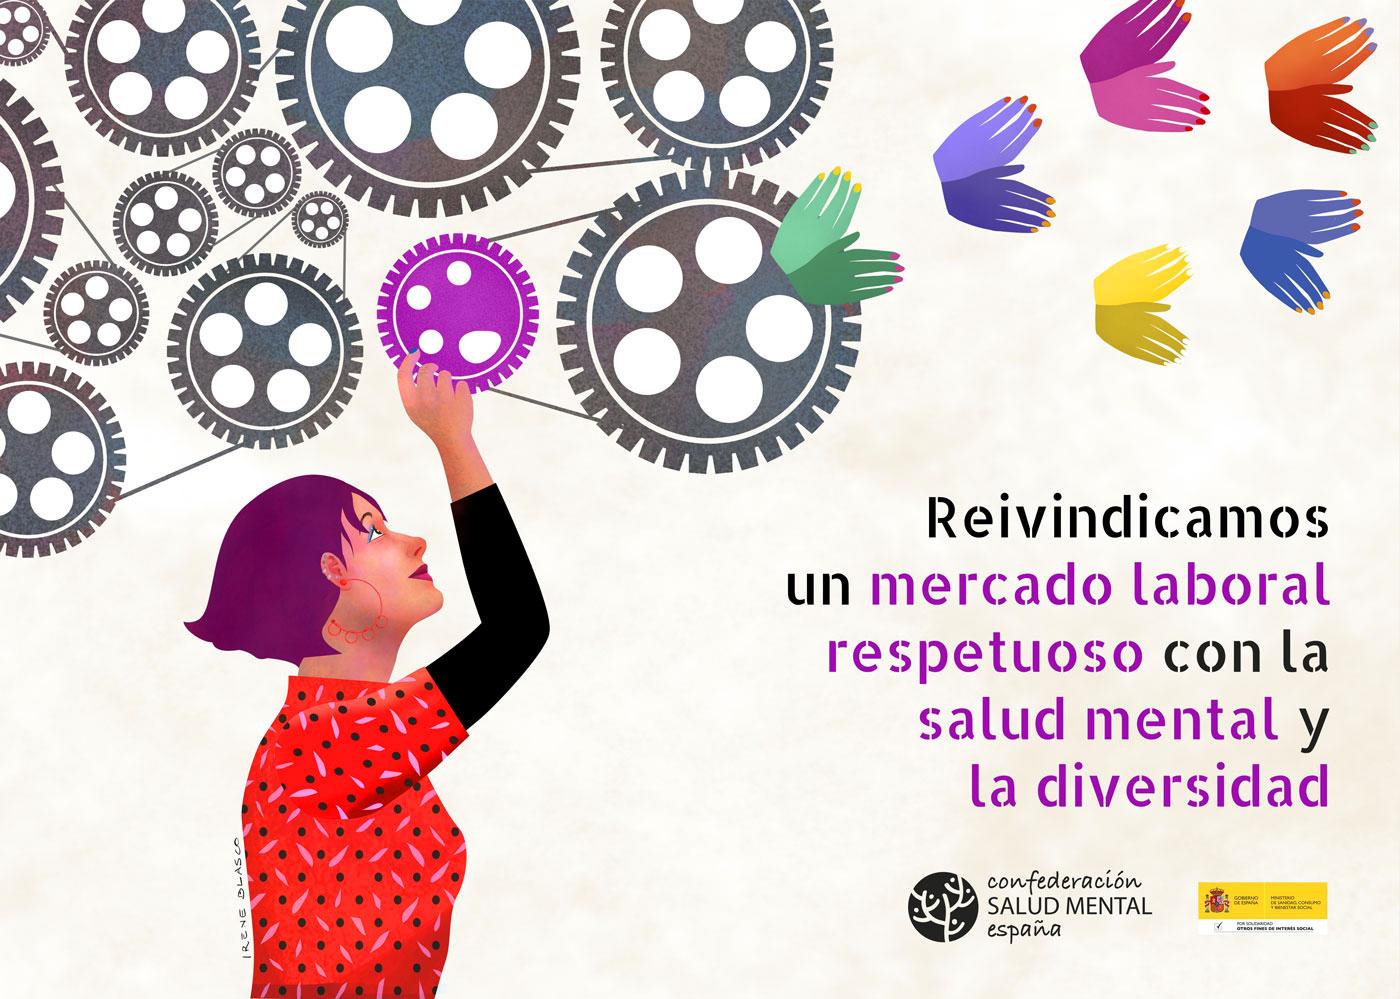 Día Internacional Mujer Empleo